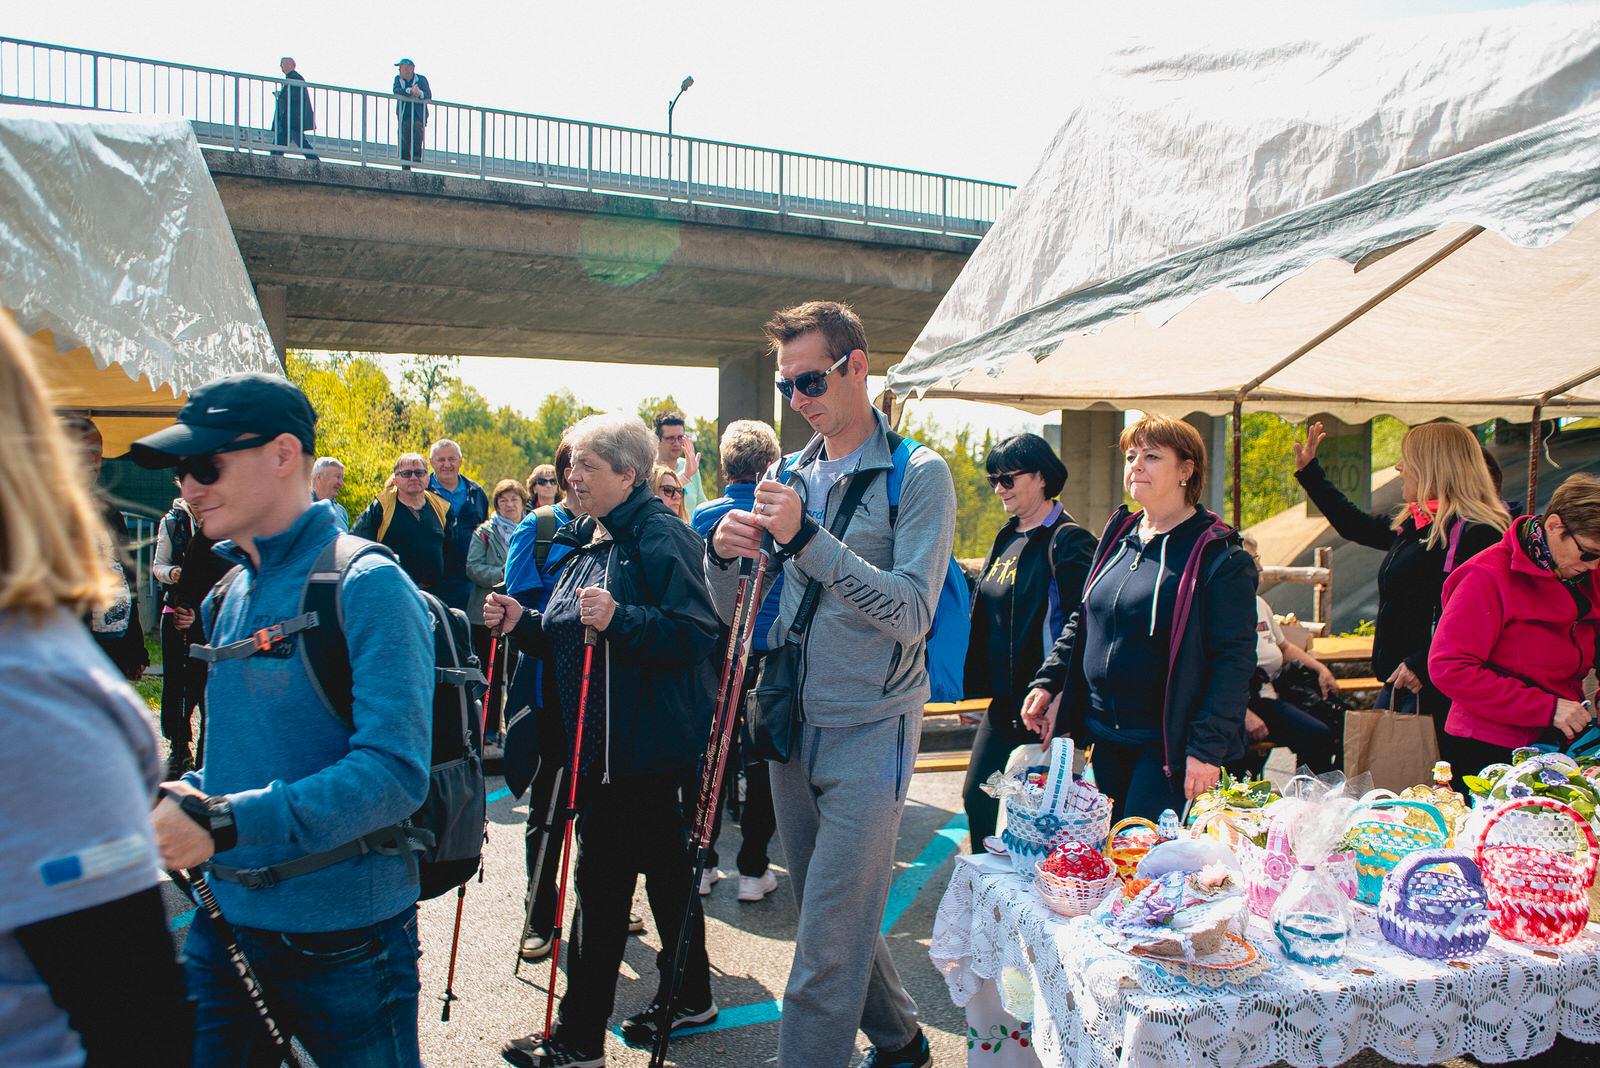 likaclub_slunj_rastoke_5-festival-nordijskog-hodanja_2019-50